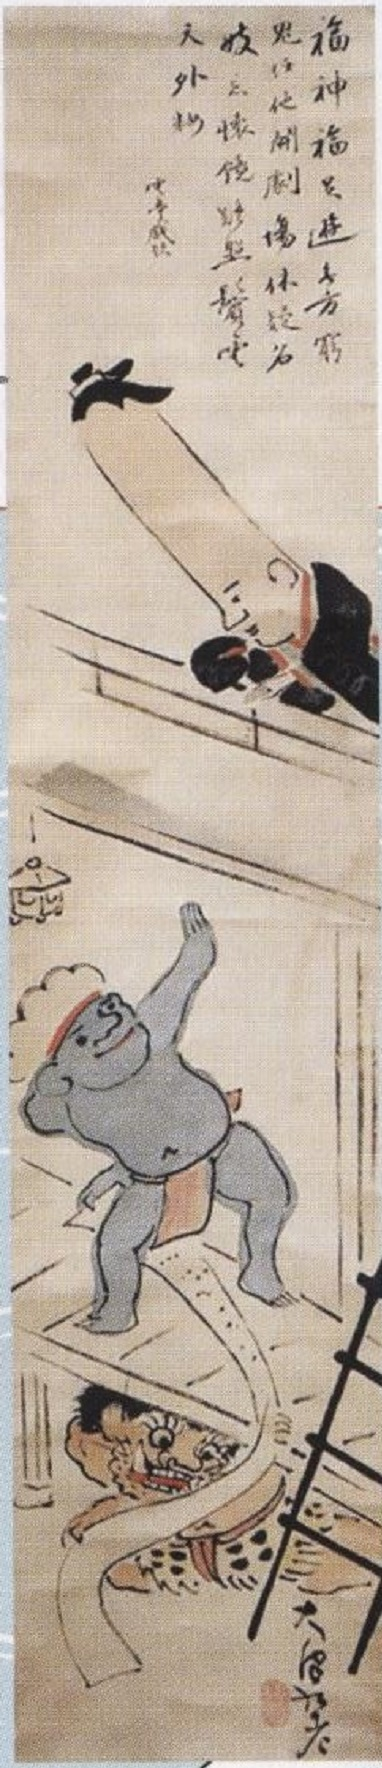 イメージ (891)